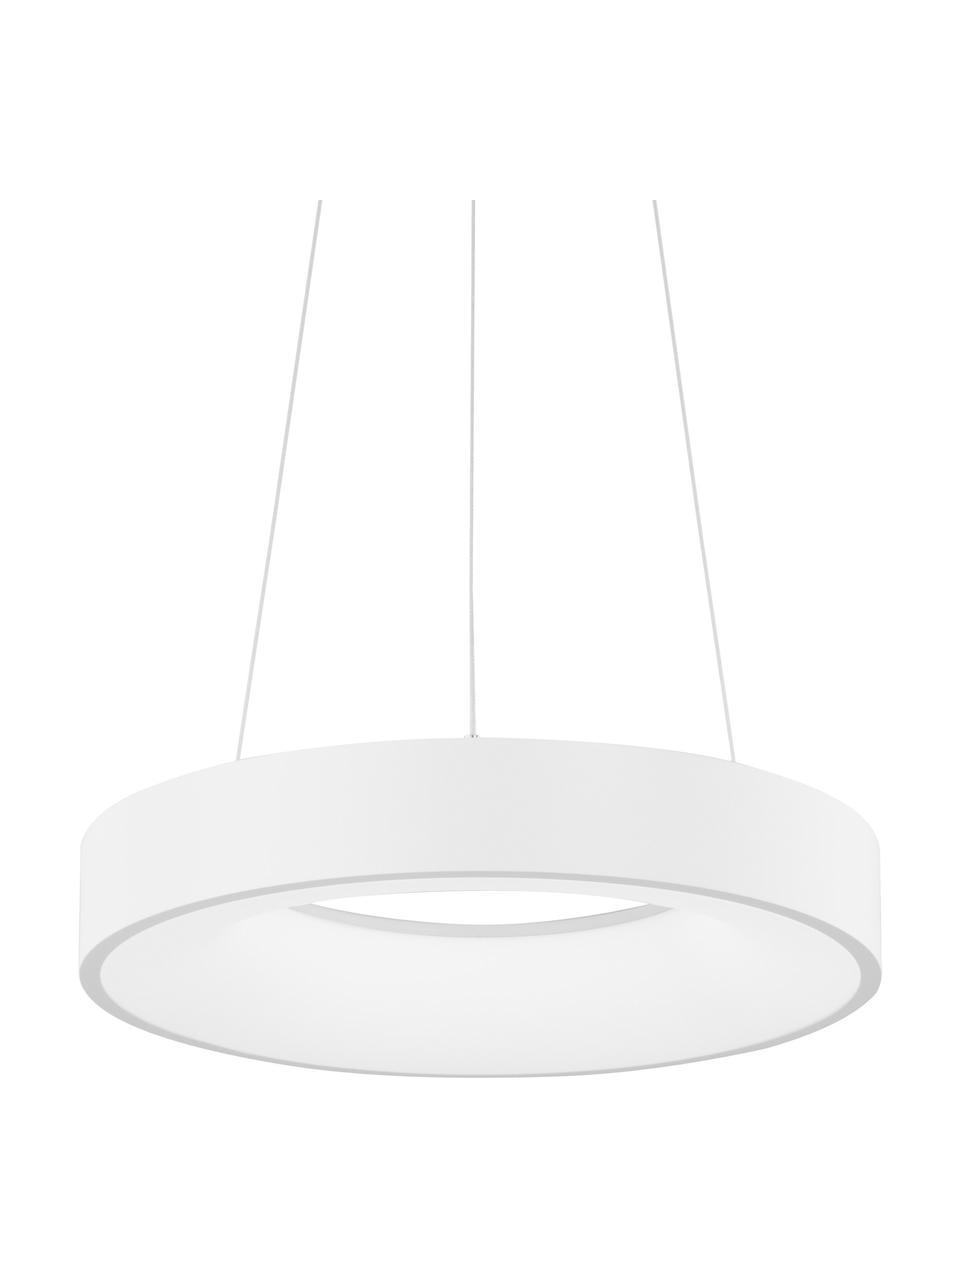 Dimmbare LED-Pendelleuchte Rando in Weiß, Lampenschirm: Aluminium, beschichtet, Baldachin: Aluminium, beschichtet, Weiß, Ø 60 x H 6 cm